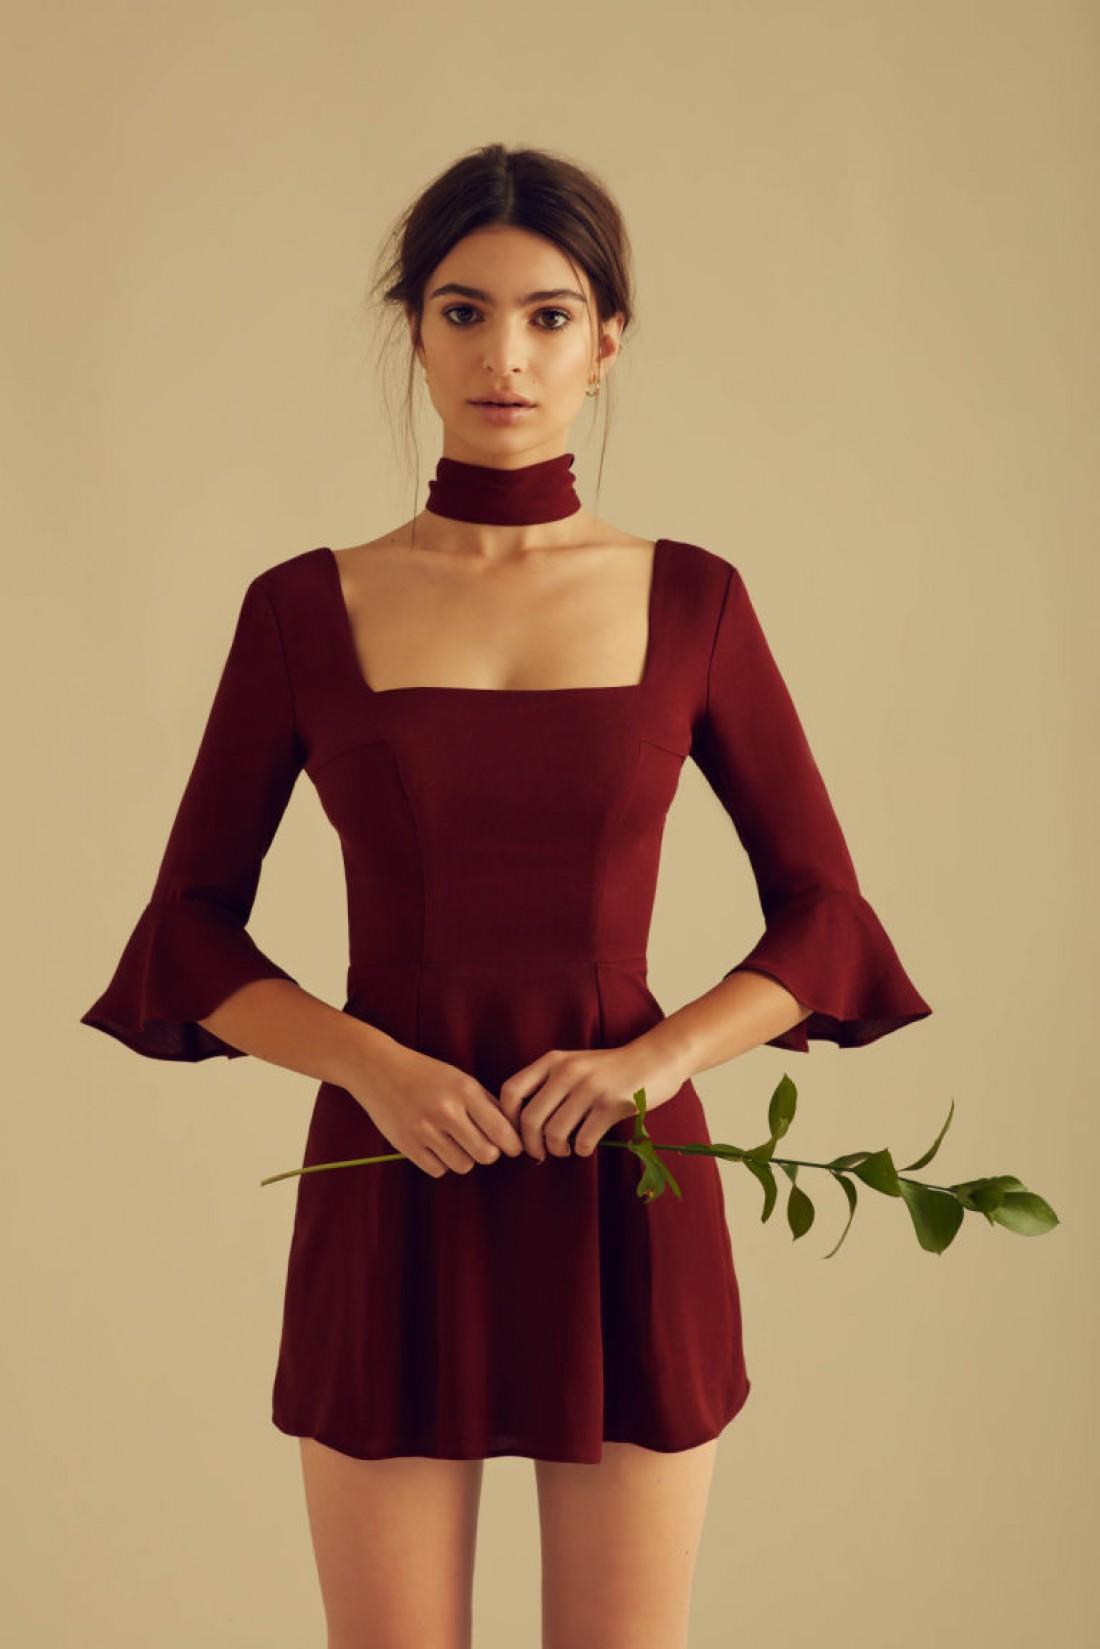 Эмили Ратаковски в мини-платье восхитила поклонников